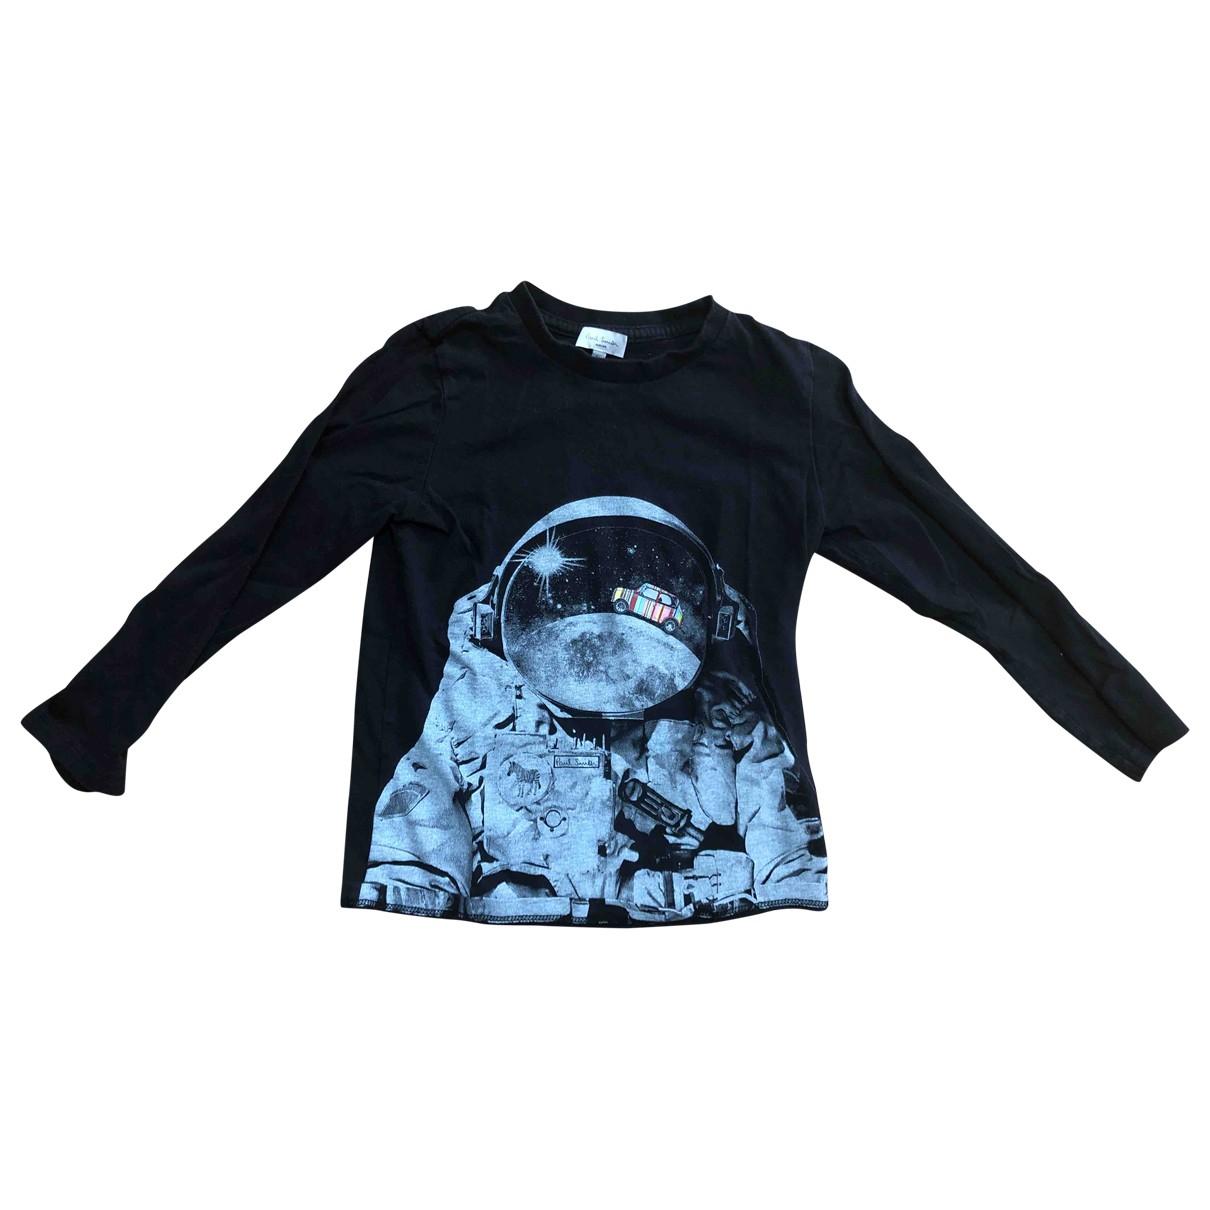 Paul Smith - Top   pour enfant en coton - noir